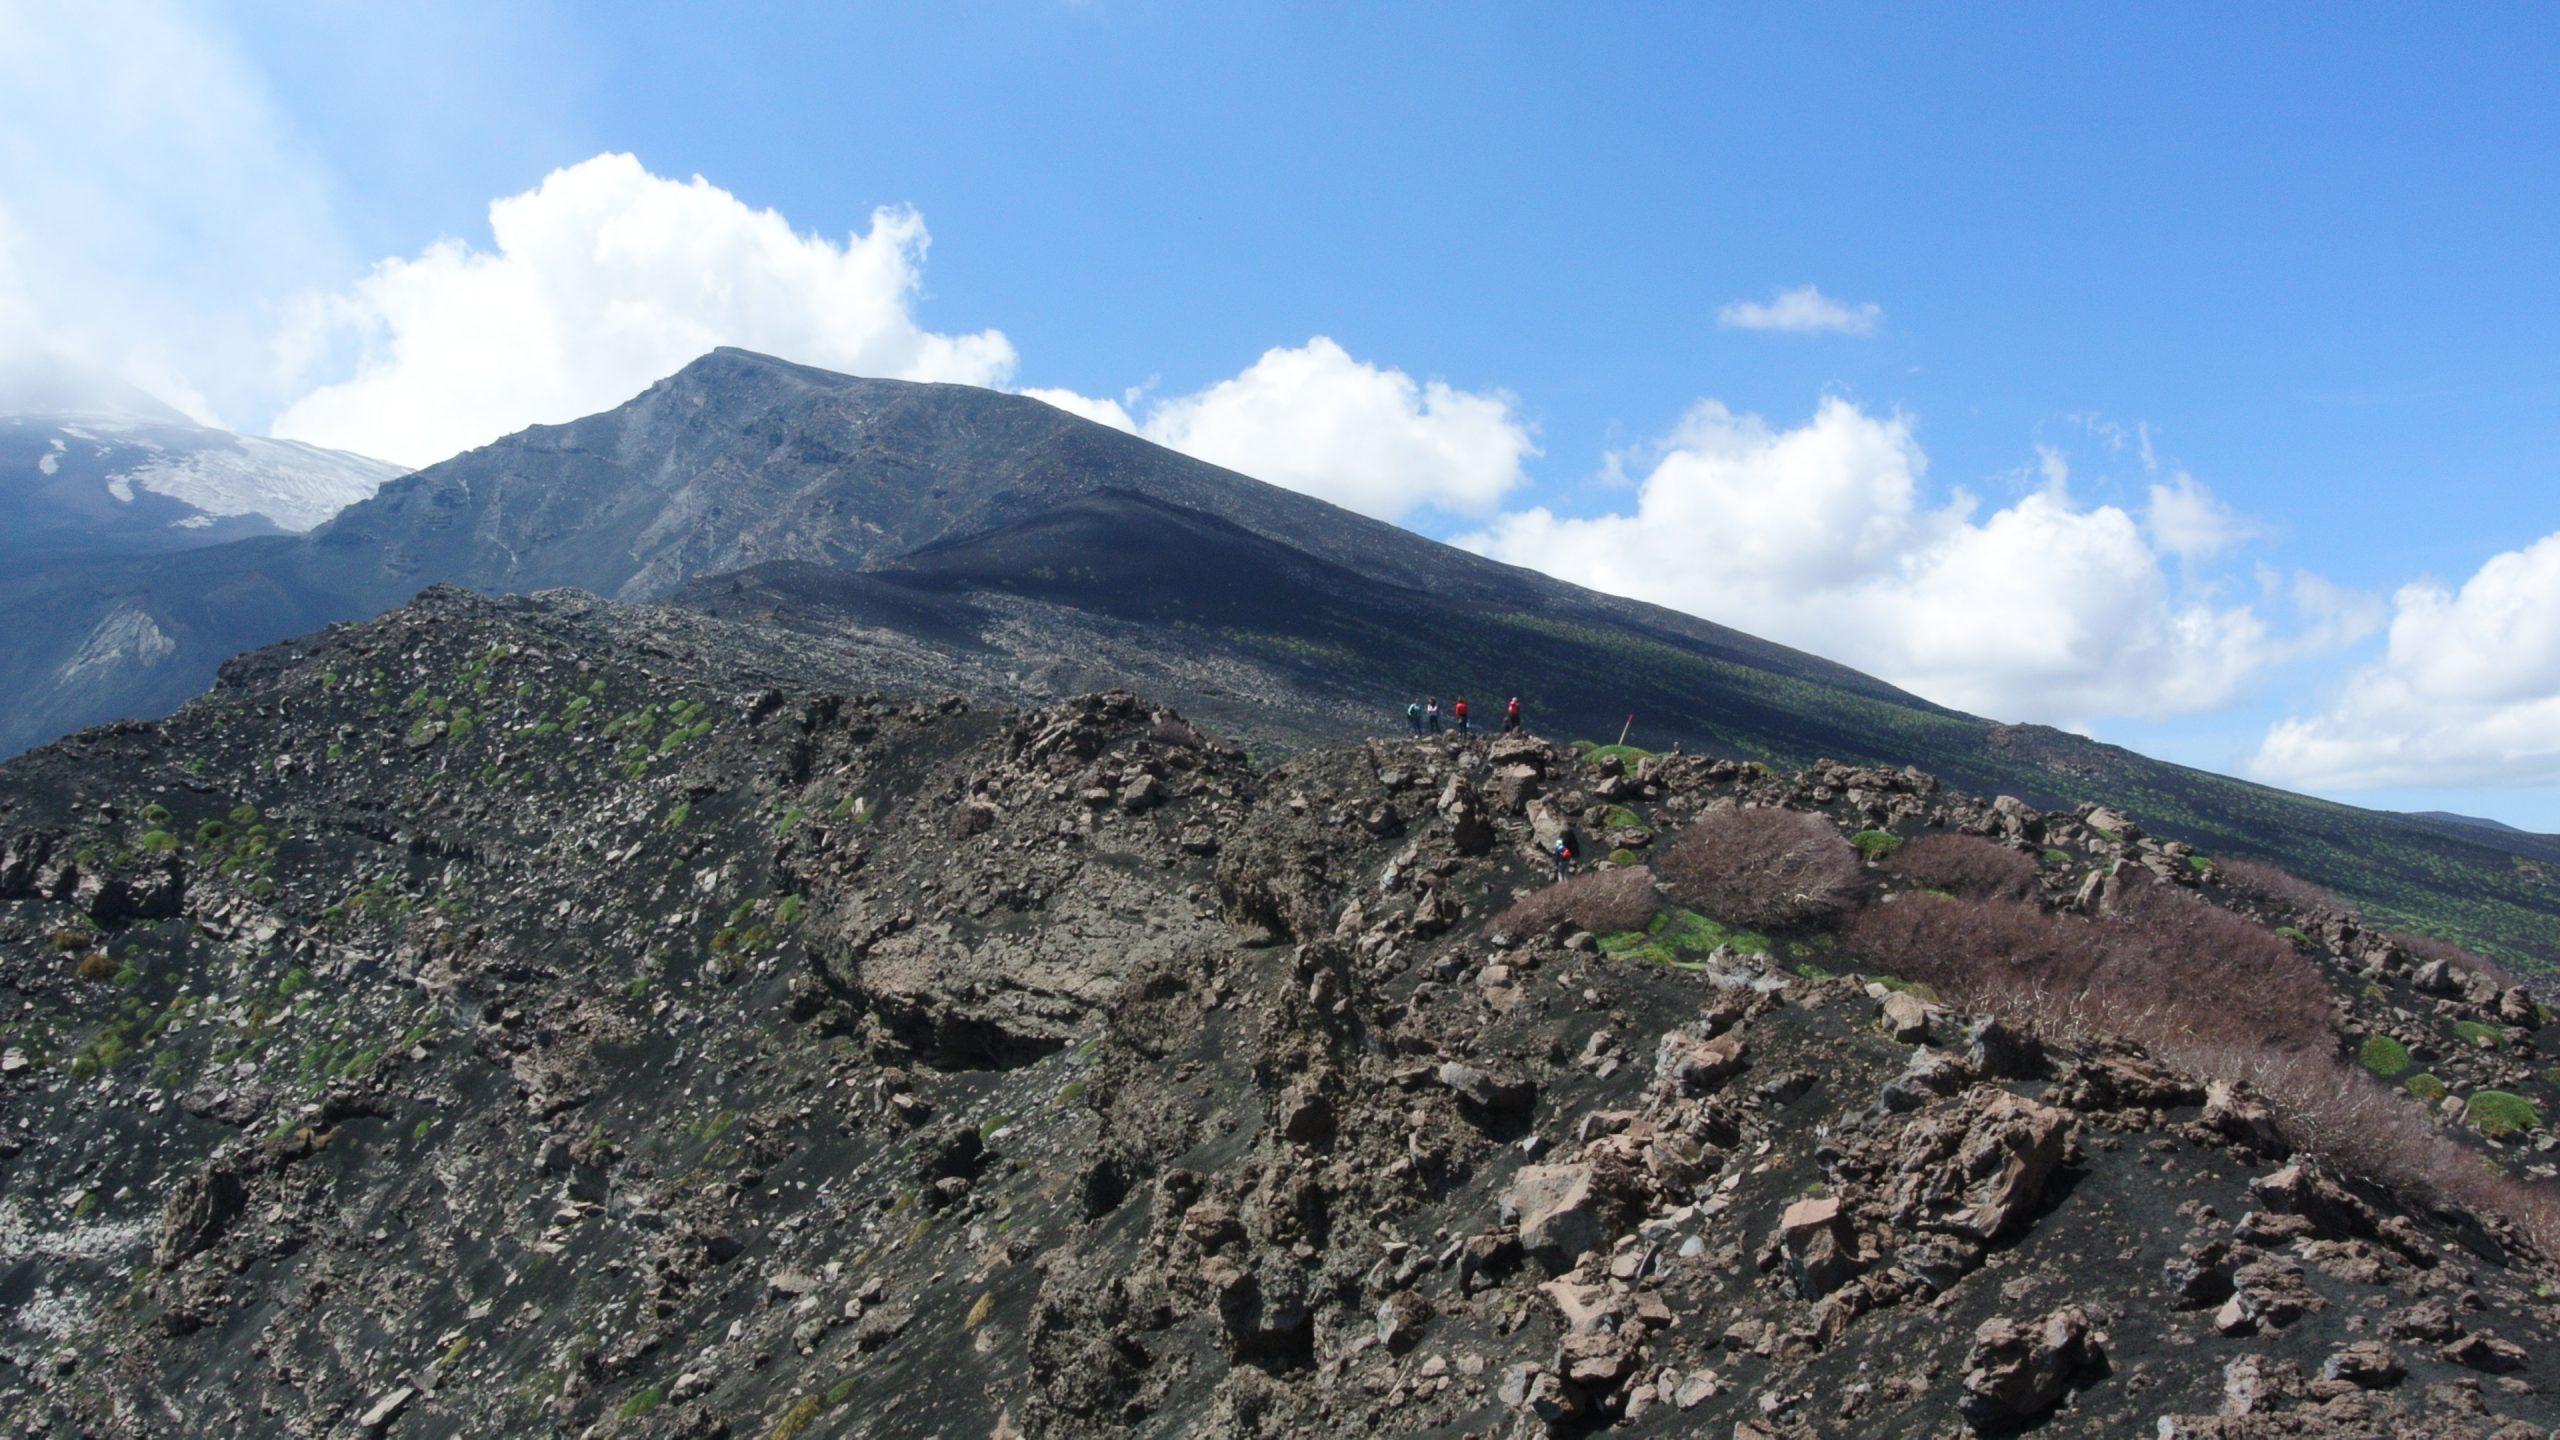 Mt Etna hiking full day tour